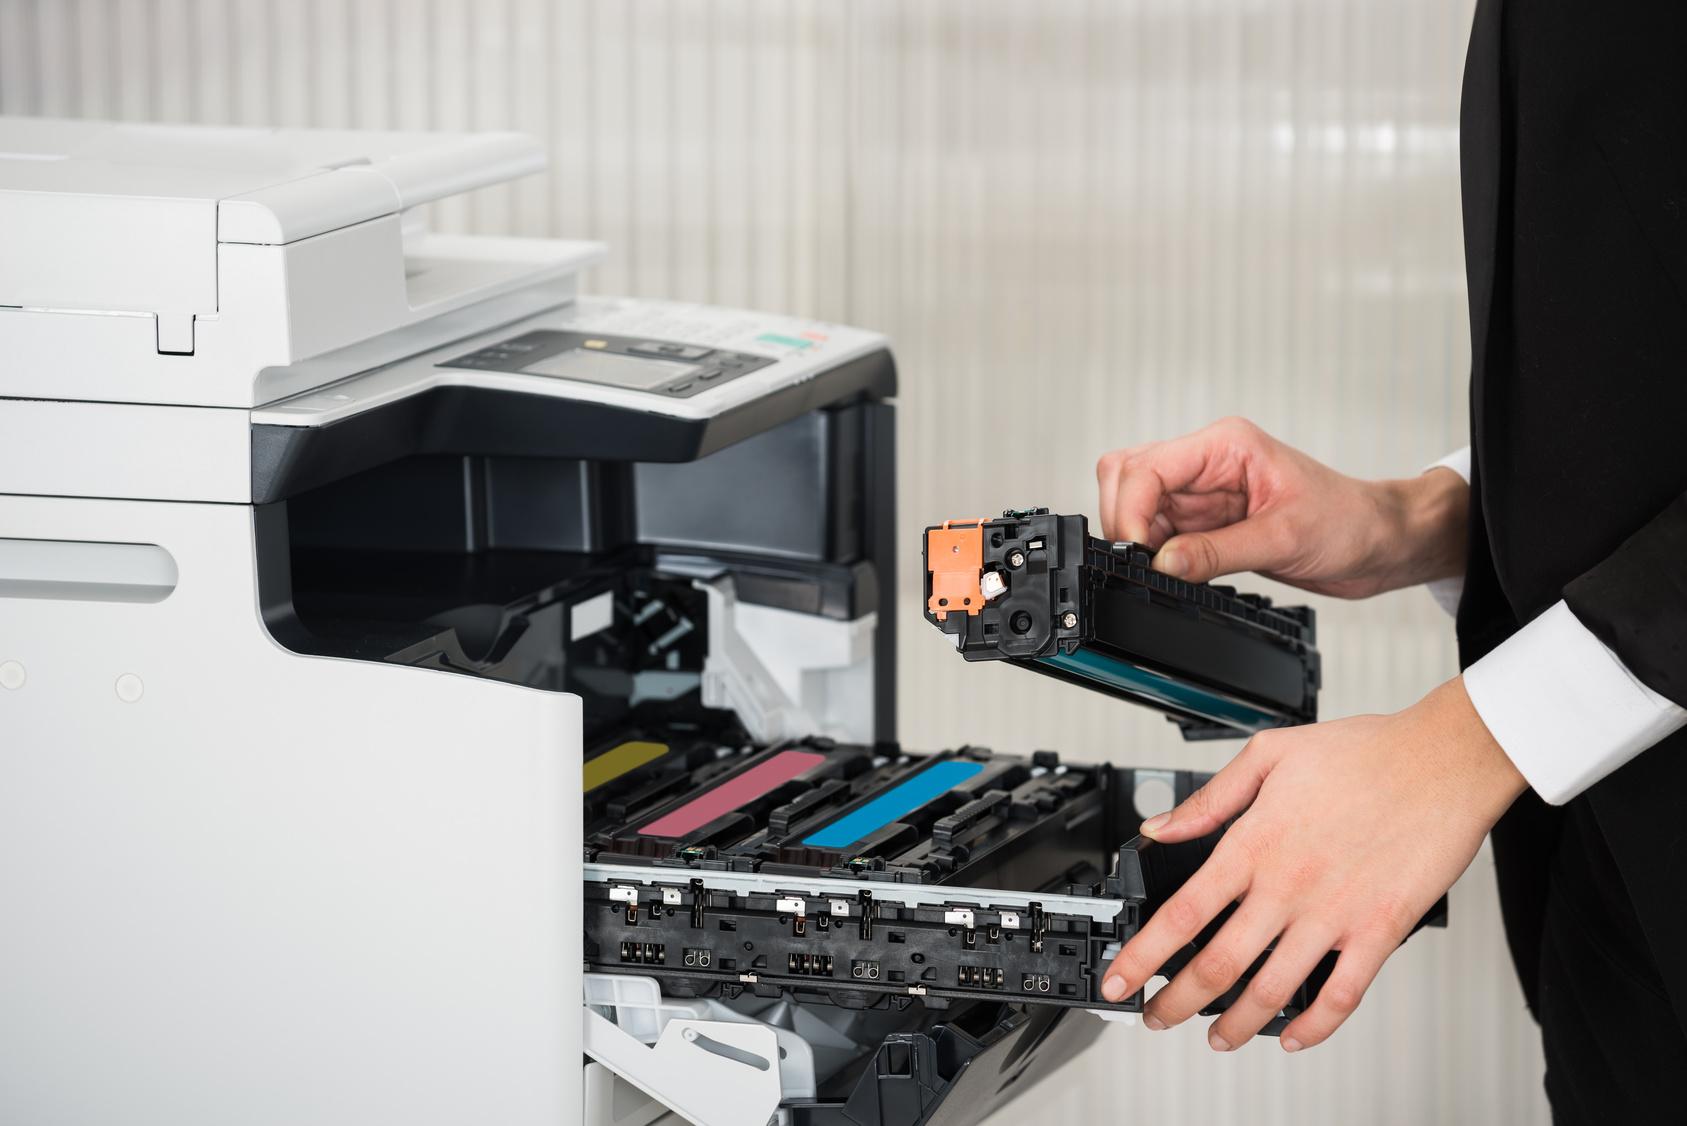 Instalacion de los toner en la impresora